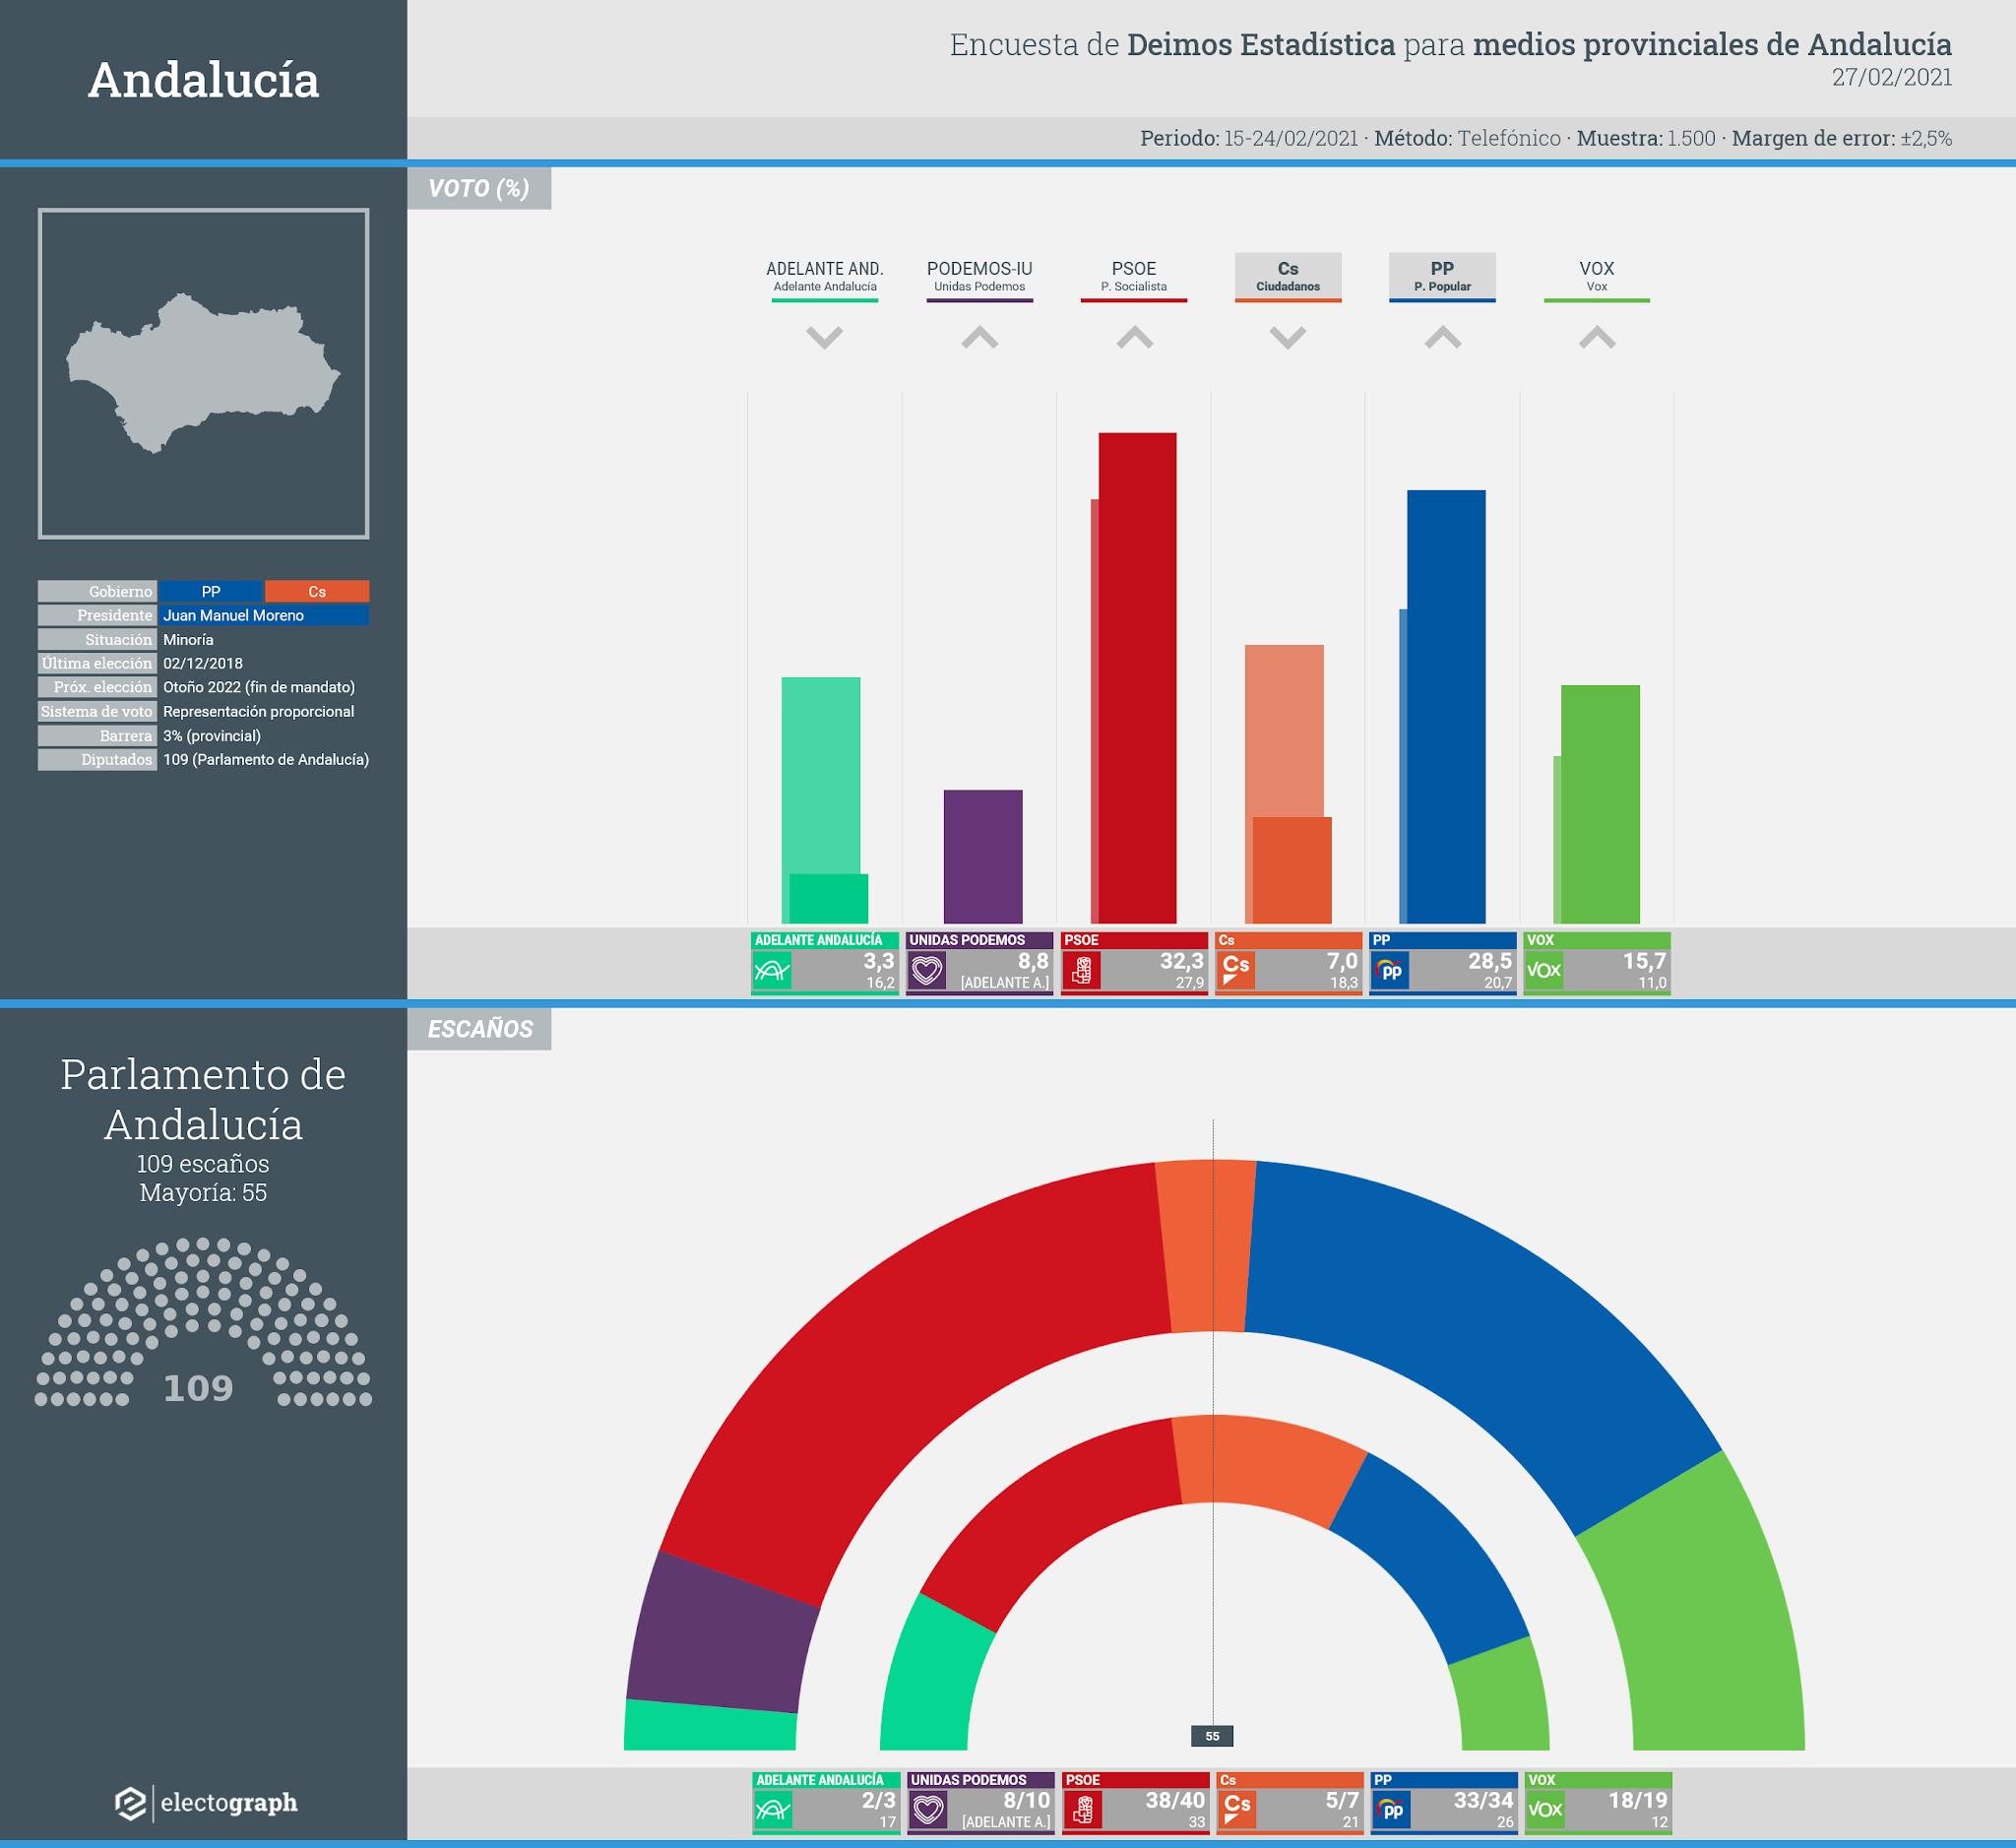 Gráfico de la encuesta para elecciones autonómicas en Andalucía realizada por Deimos Estadística para varios medios, 27 de febrero de 2021